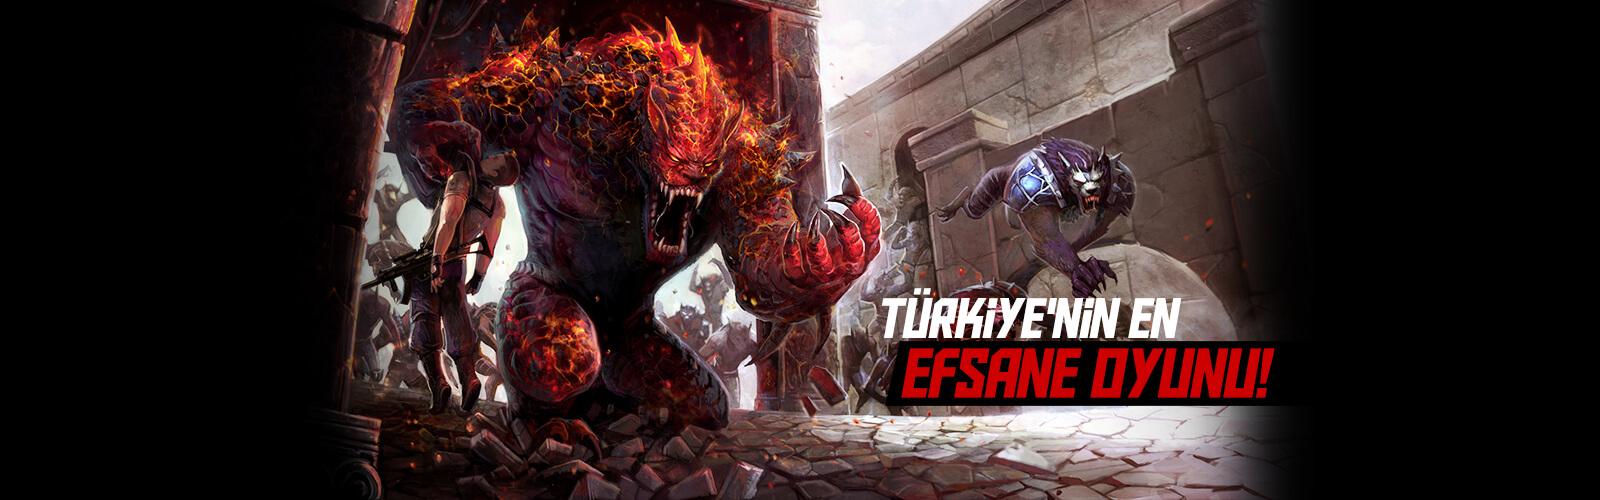 Türkiye'nin En Efsane Oyunu